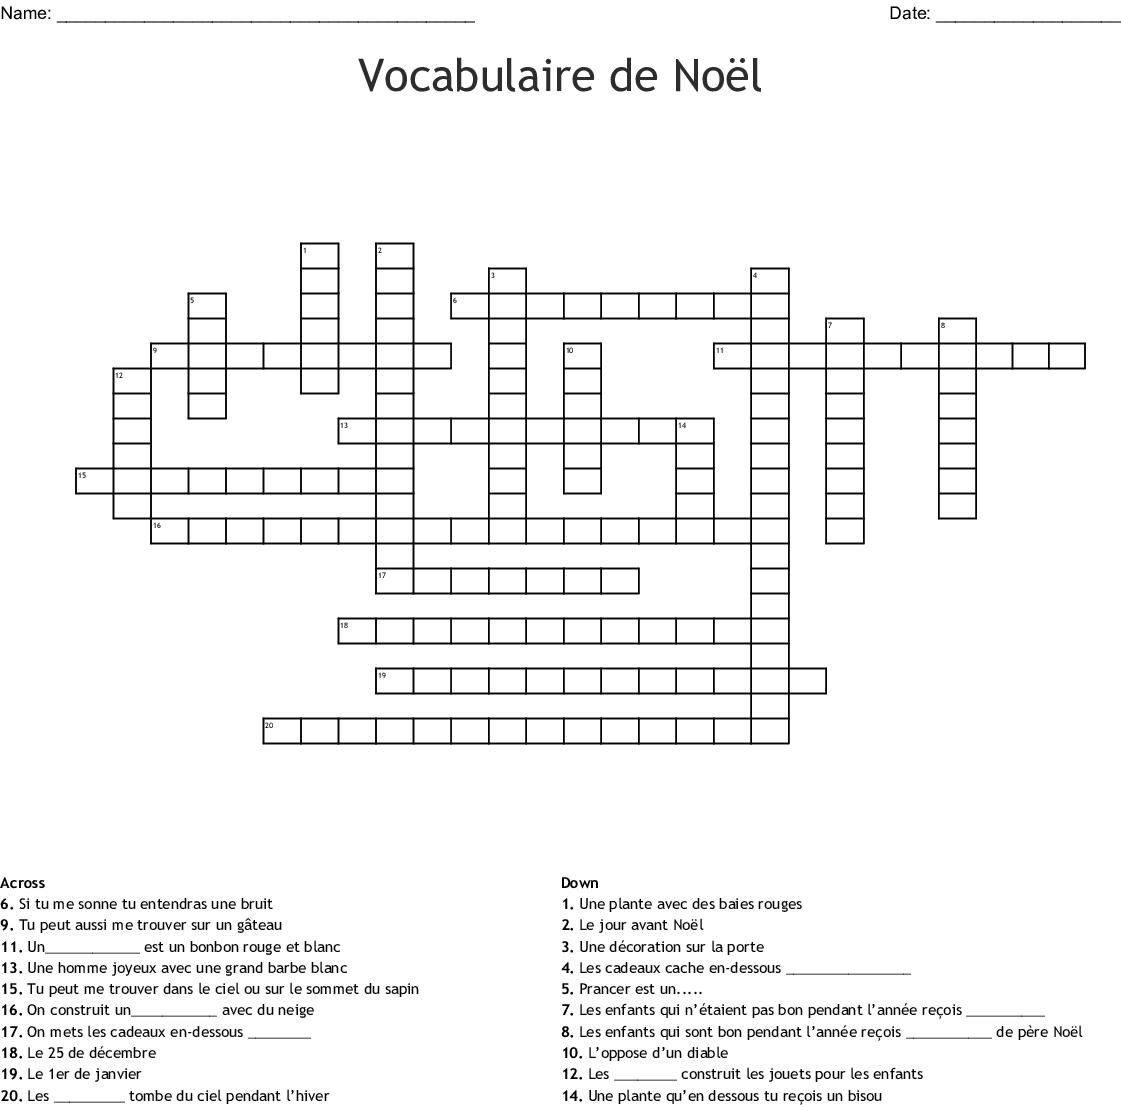 Chanson Pour Les Enfants L'hiver Word Search - Wordmint concernant Dans La Nuit De L Hiver Chanson